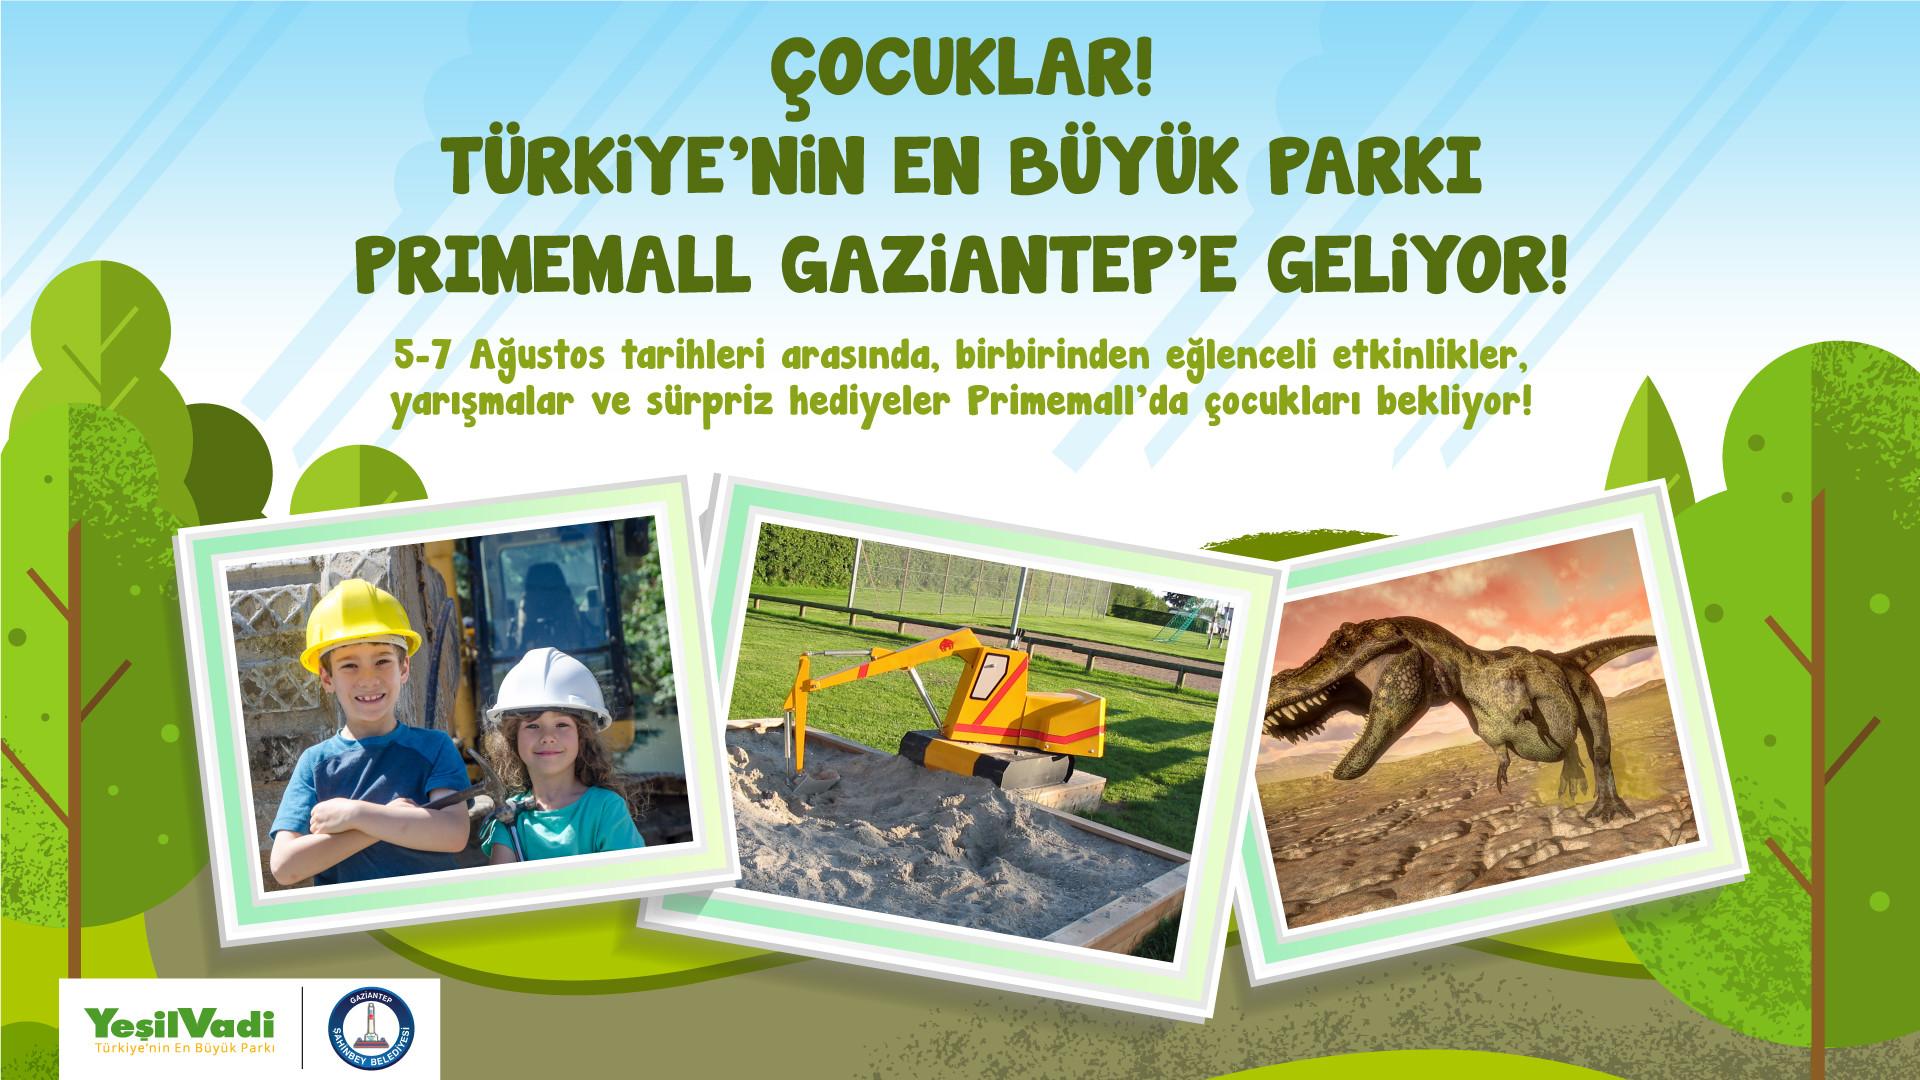 Çocuklar! Türkiye'nin En Büyük Parkı Primemall Gaziantep'e Geliyor!